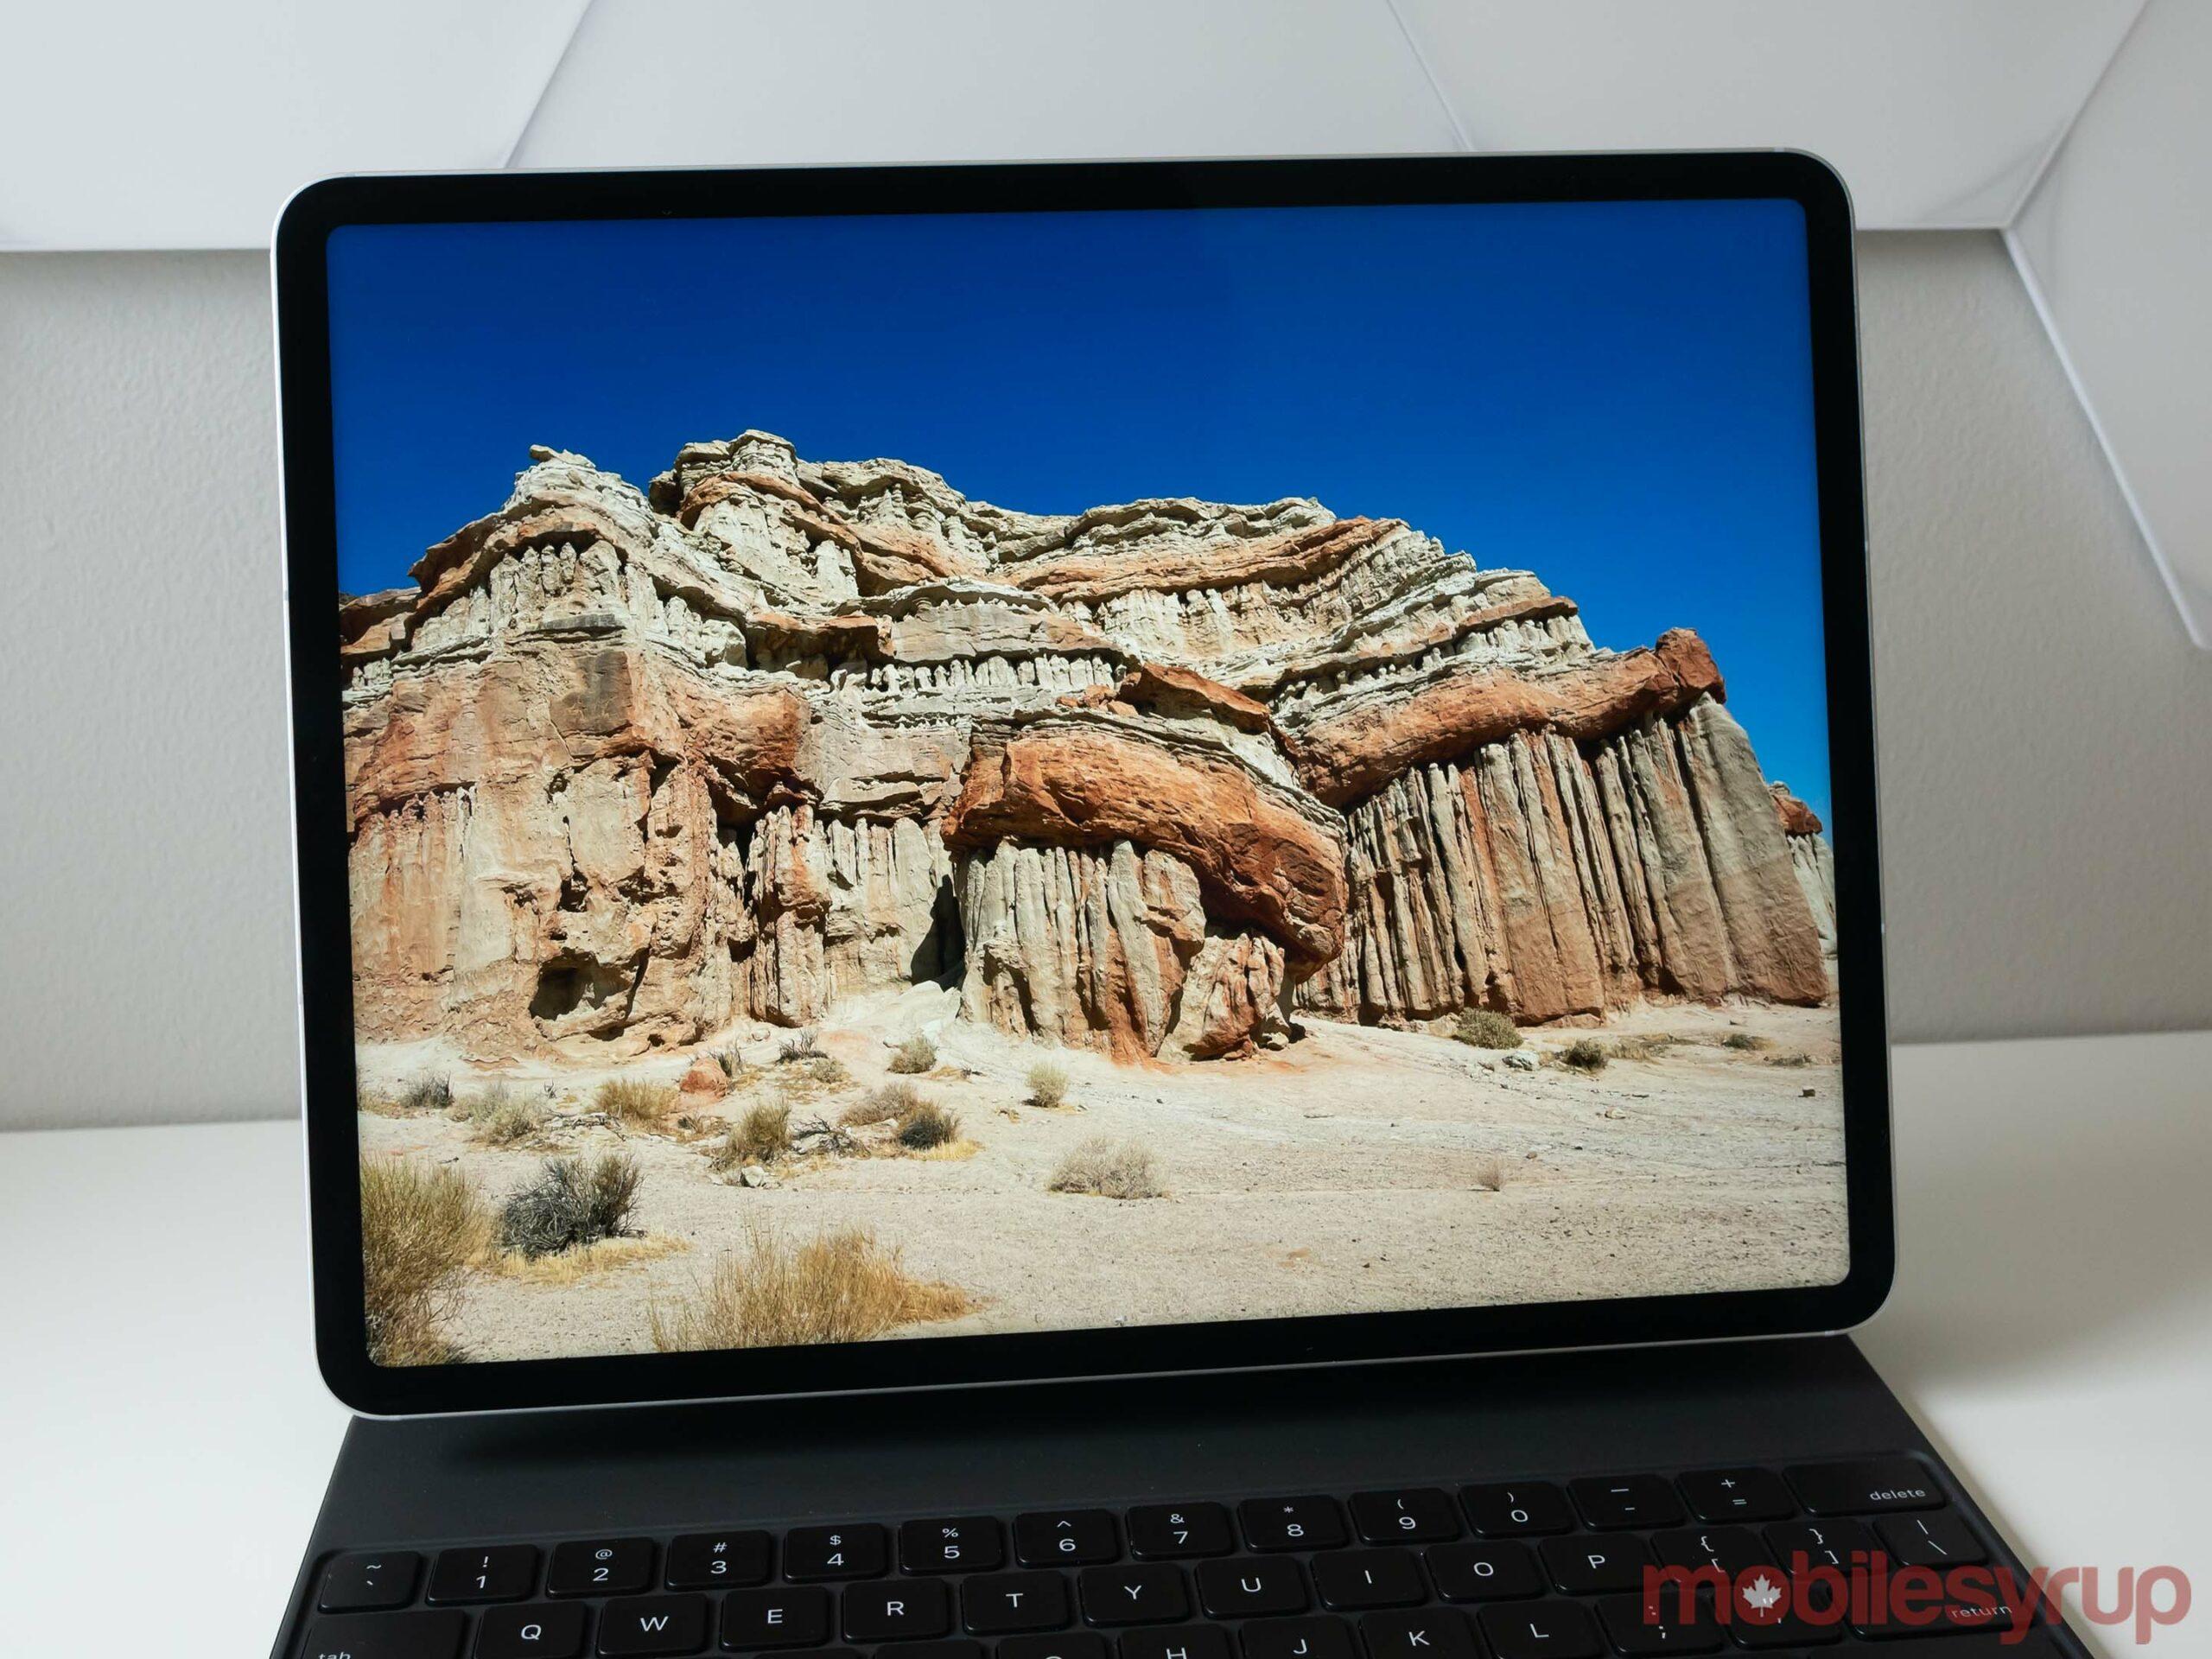 12.9-inch iPad Pro (2021) Pro Display XDR